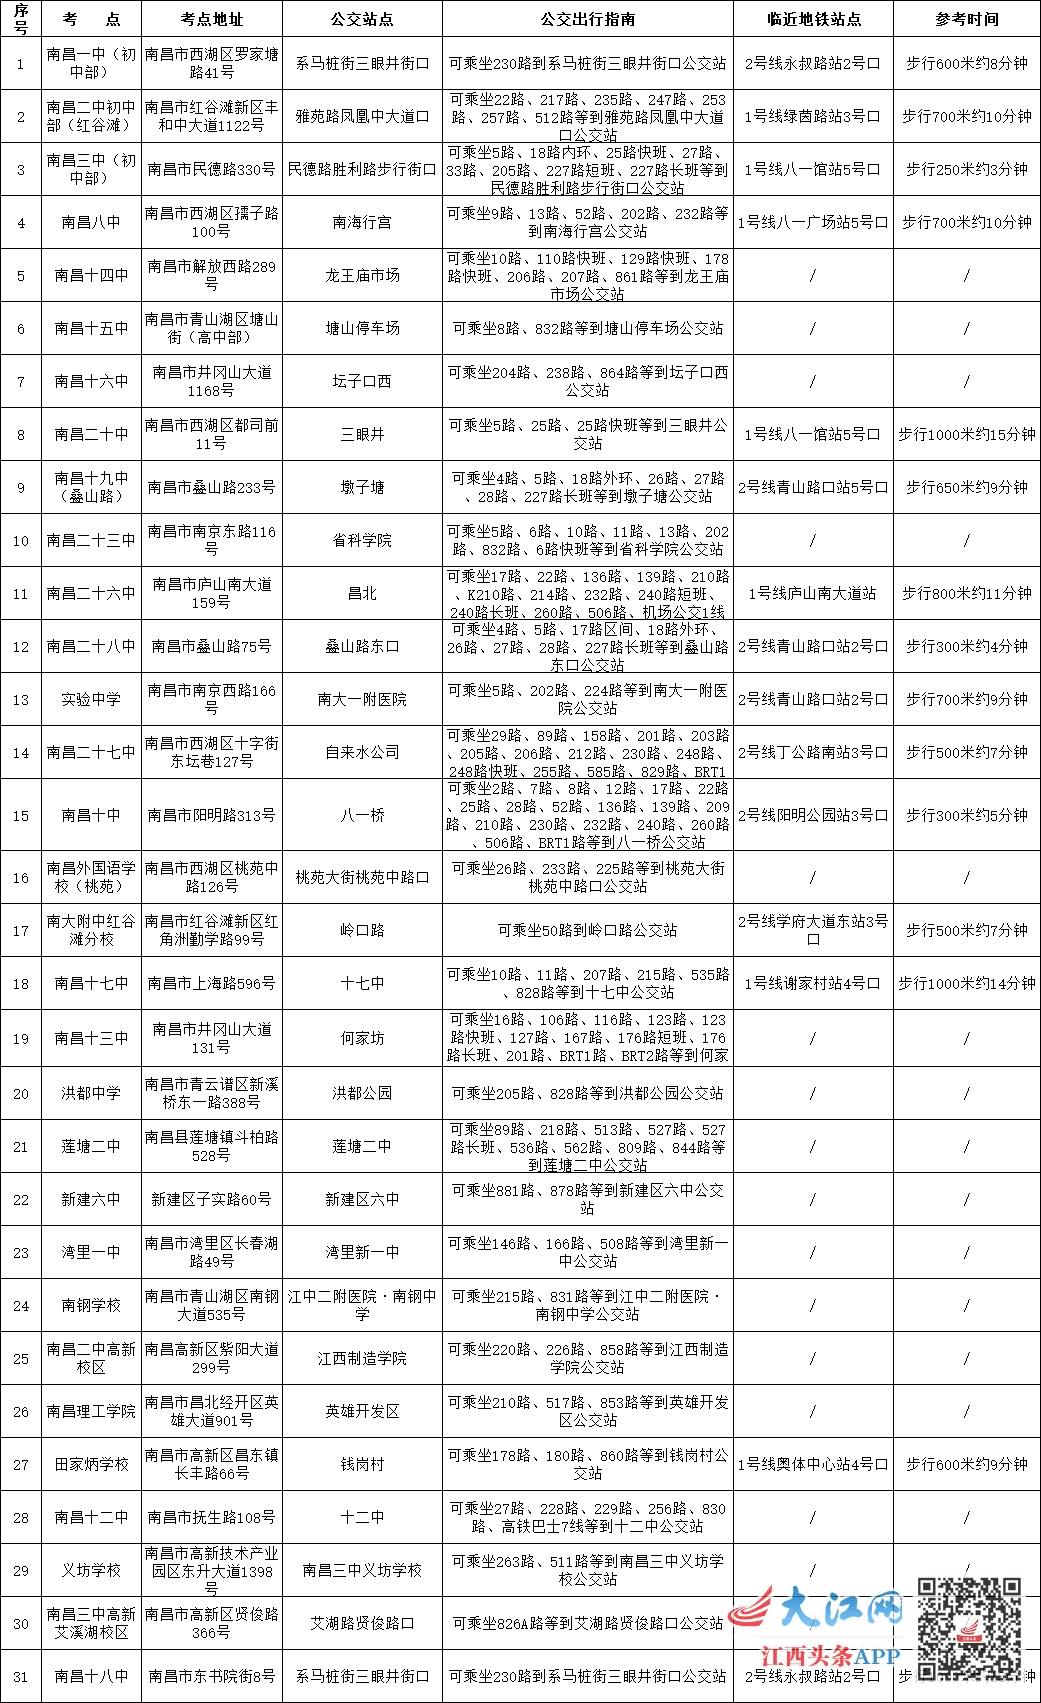 南昌发布2020年成人高考考点出行指南